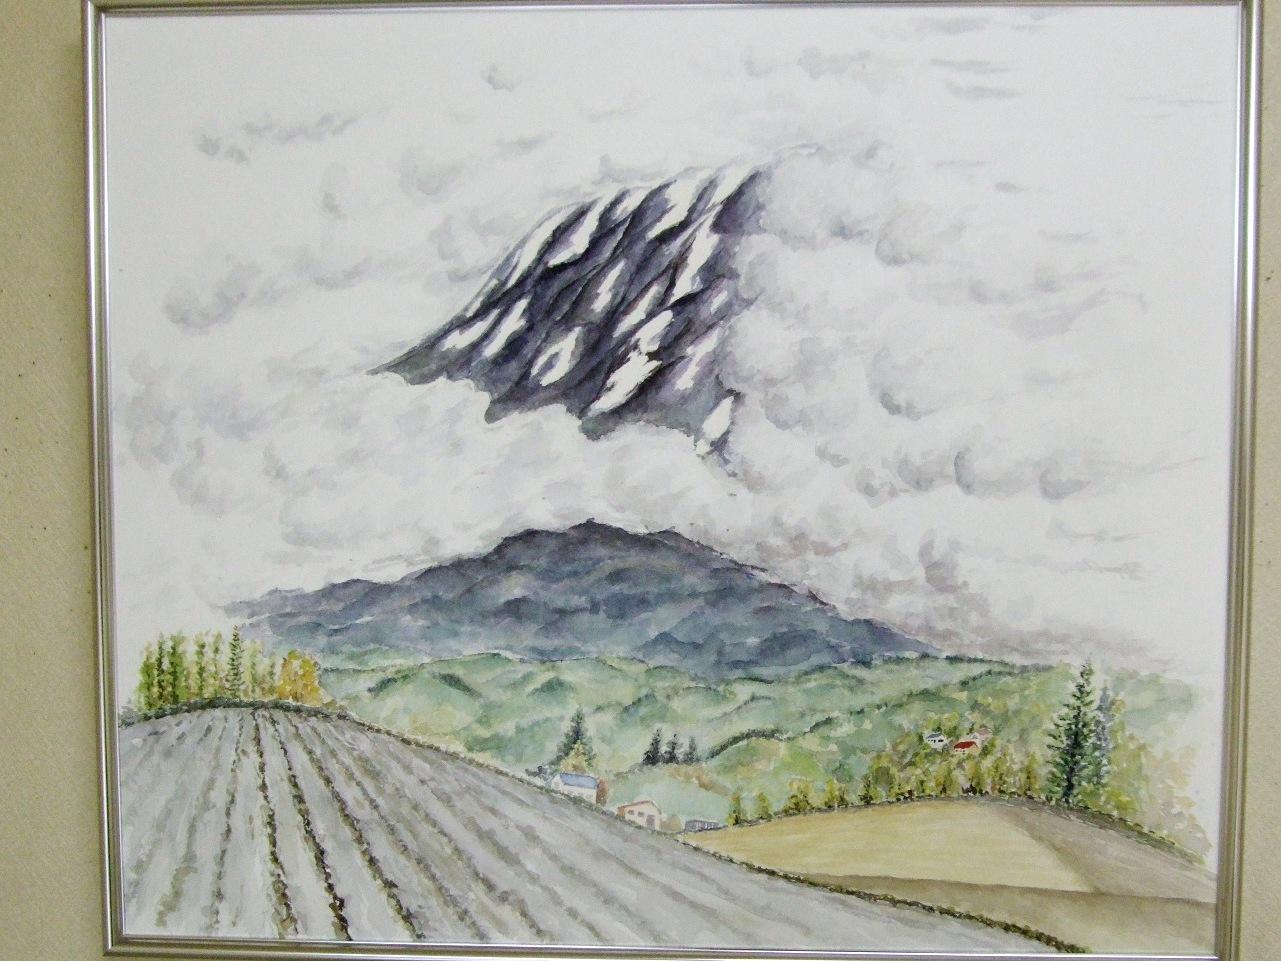 1262) 自由空間 「山・展」 3月15日(月)~4月17日(土)  _f0126829_12364811.jpg